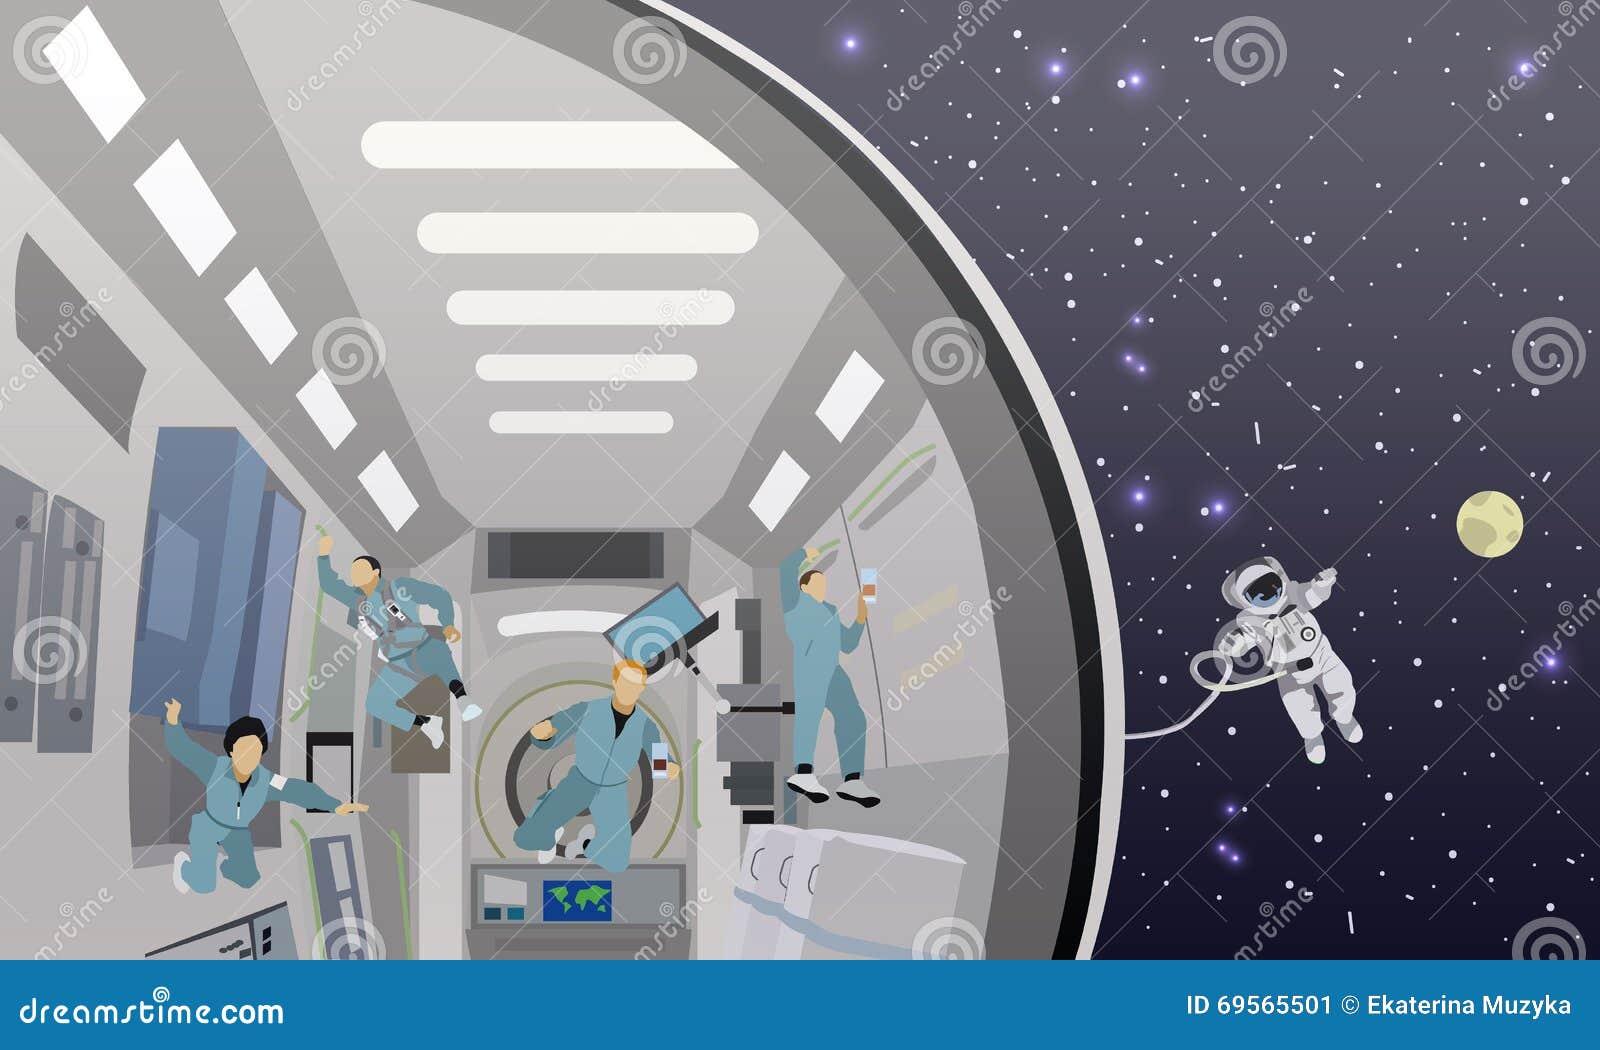 Ilustração do vetor do conceito da missão espacial Cosmonautas que voam em nenhuma gravidade